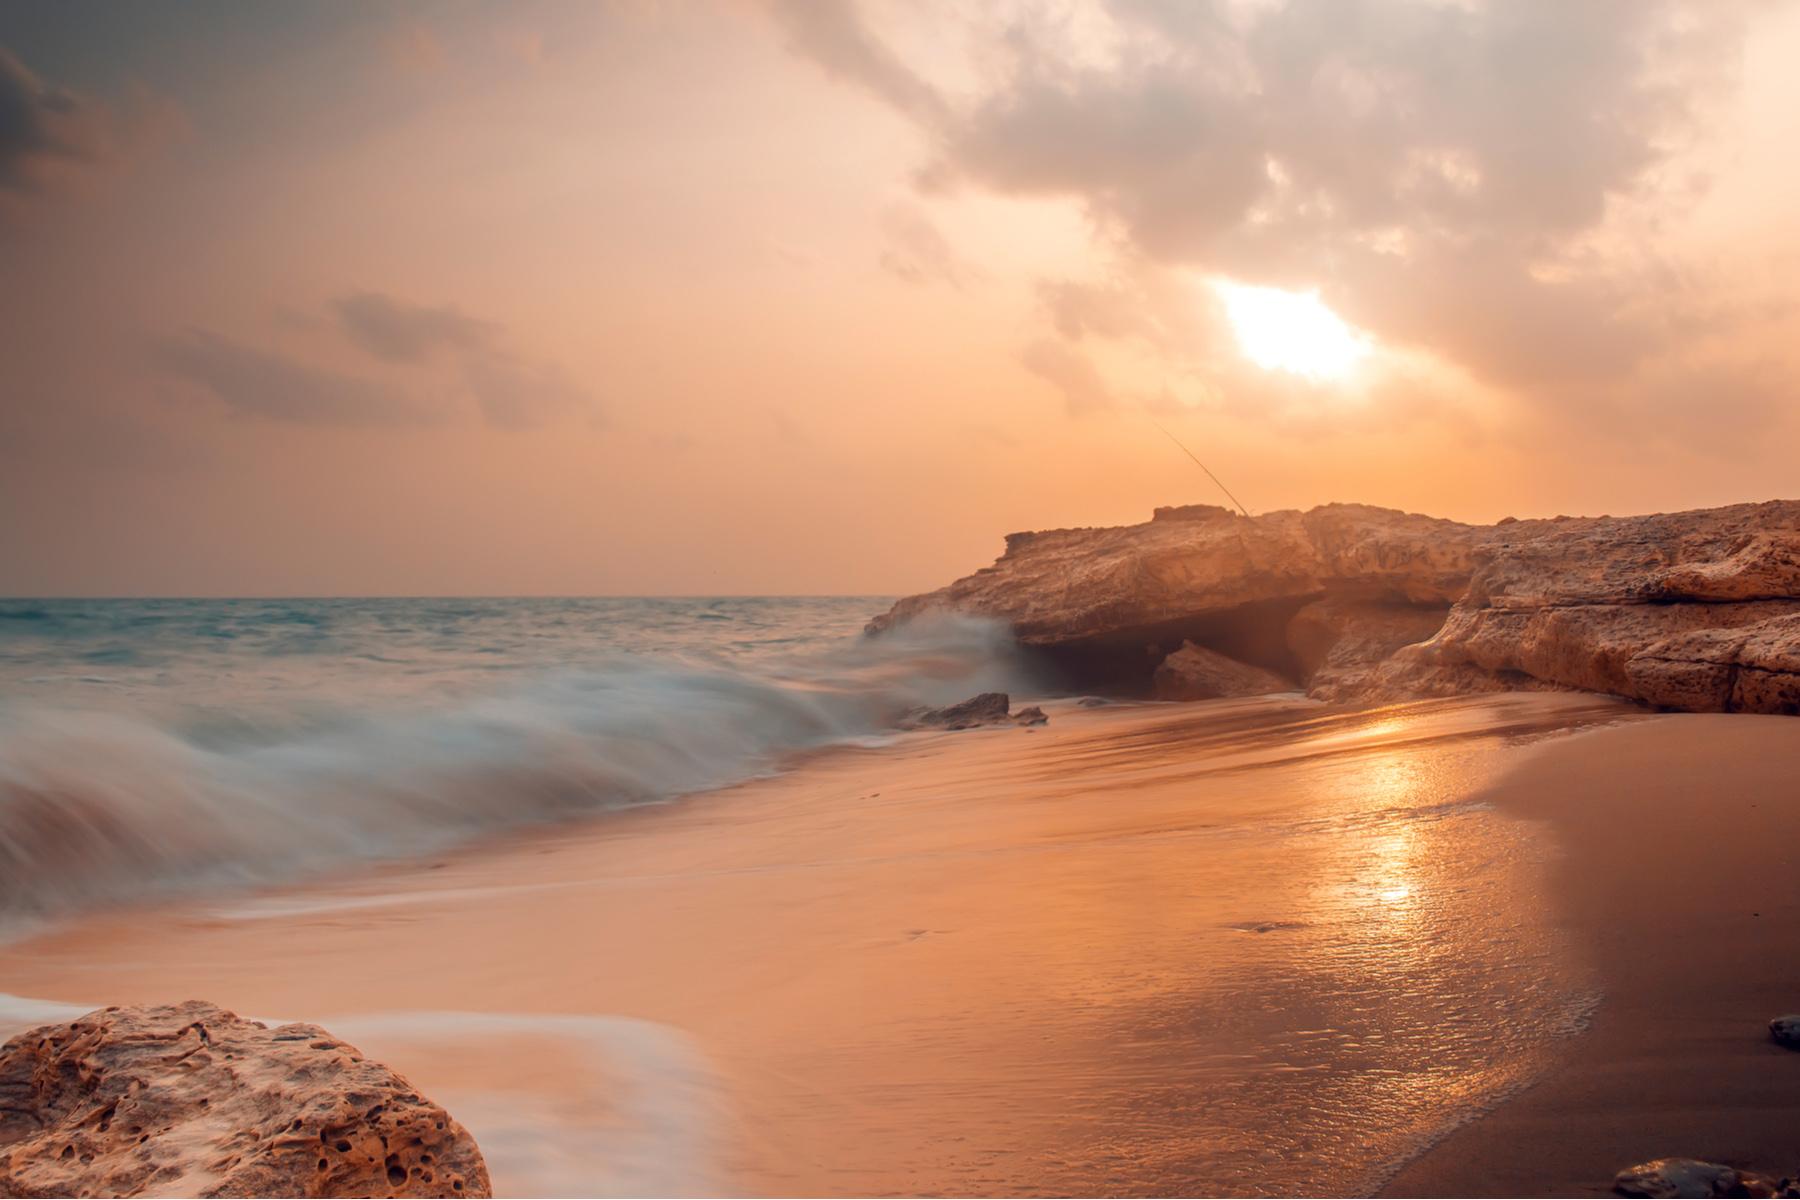 Fuwairit Beach in Qatar